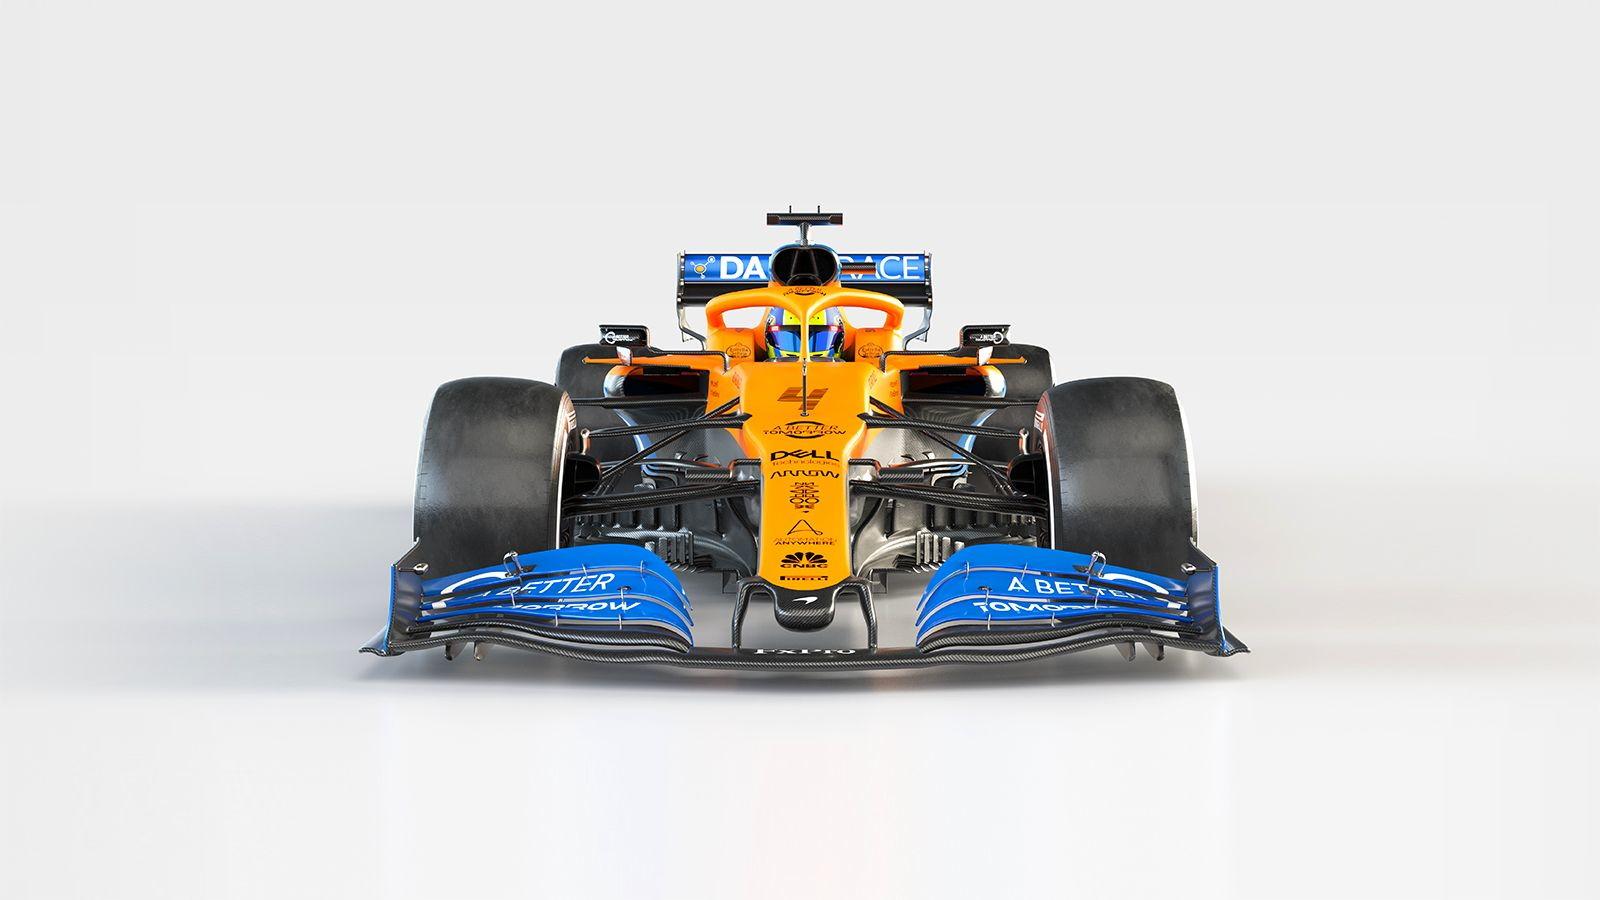 La scuderia britannica ha presentato a Woking la vettura 2020 di Norris e Sainz: confermato lo schema cromatico della scorsa stagione, con una virata sull'arancione opacoe un blu più acceso che spicca sulle pance laterali,sull'airbox e sull'alettone interiore.